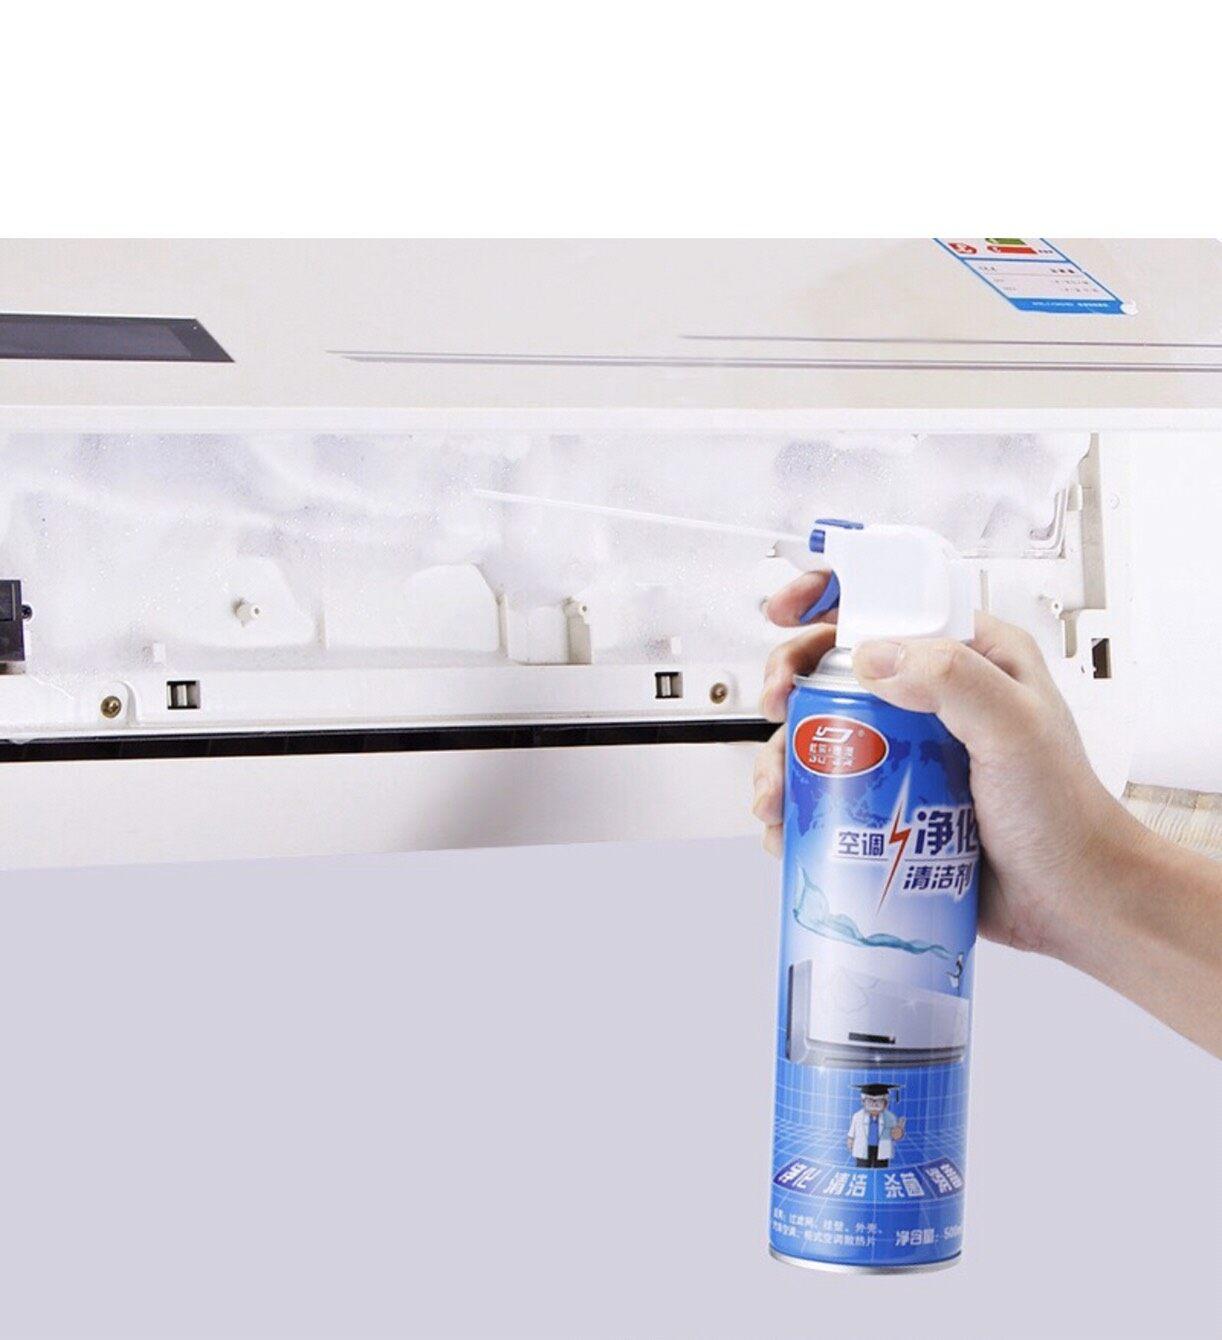 โฟมล้างแอร์ สเปรย์ล้างแอร์ สเปรย์โฟมล้างแอร์ ขนาด 500ml แอร์สะอาด ทำเองได้ไม่ต้องจ้างช่าง.